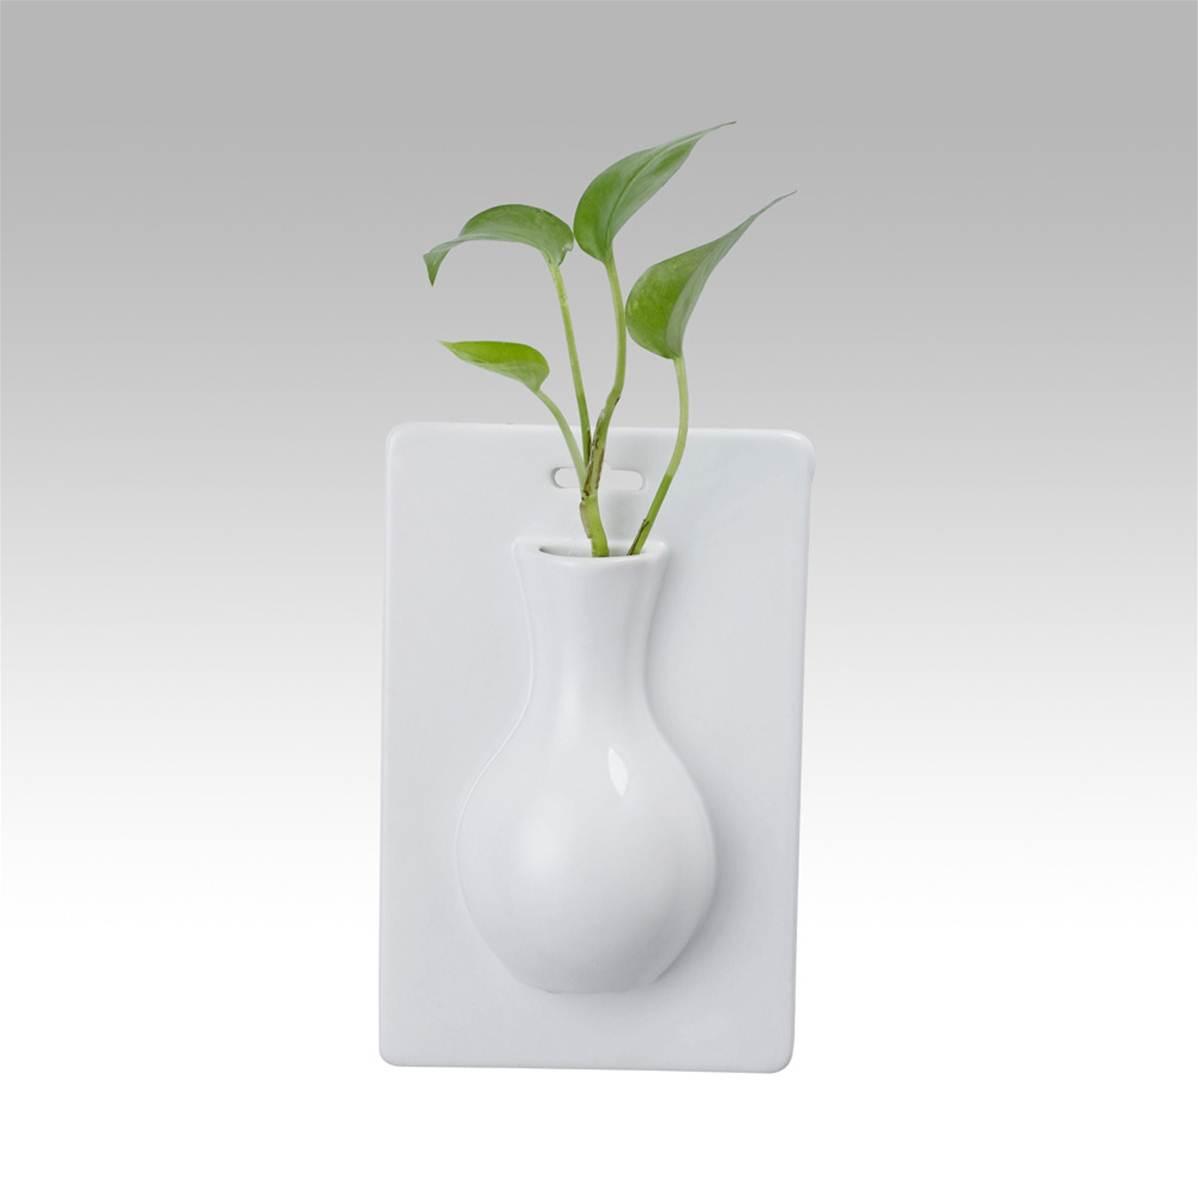 Vase fleurs coupe cache pot soliflores mural Objet decoration murale design